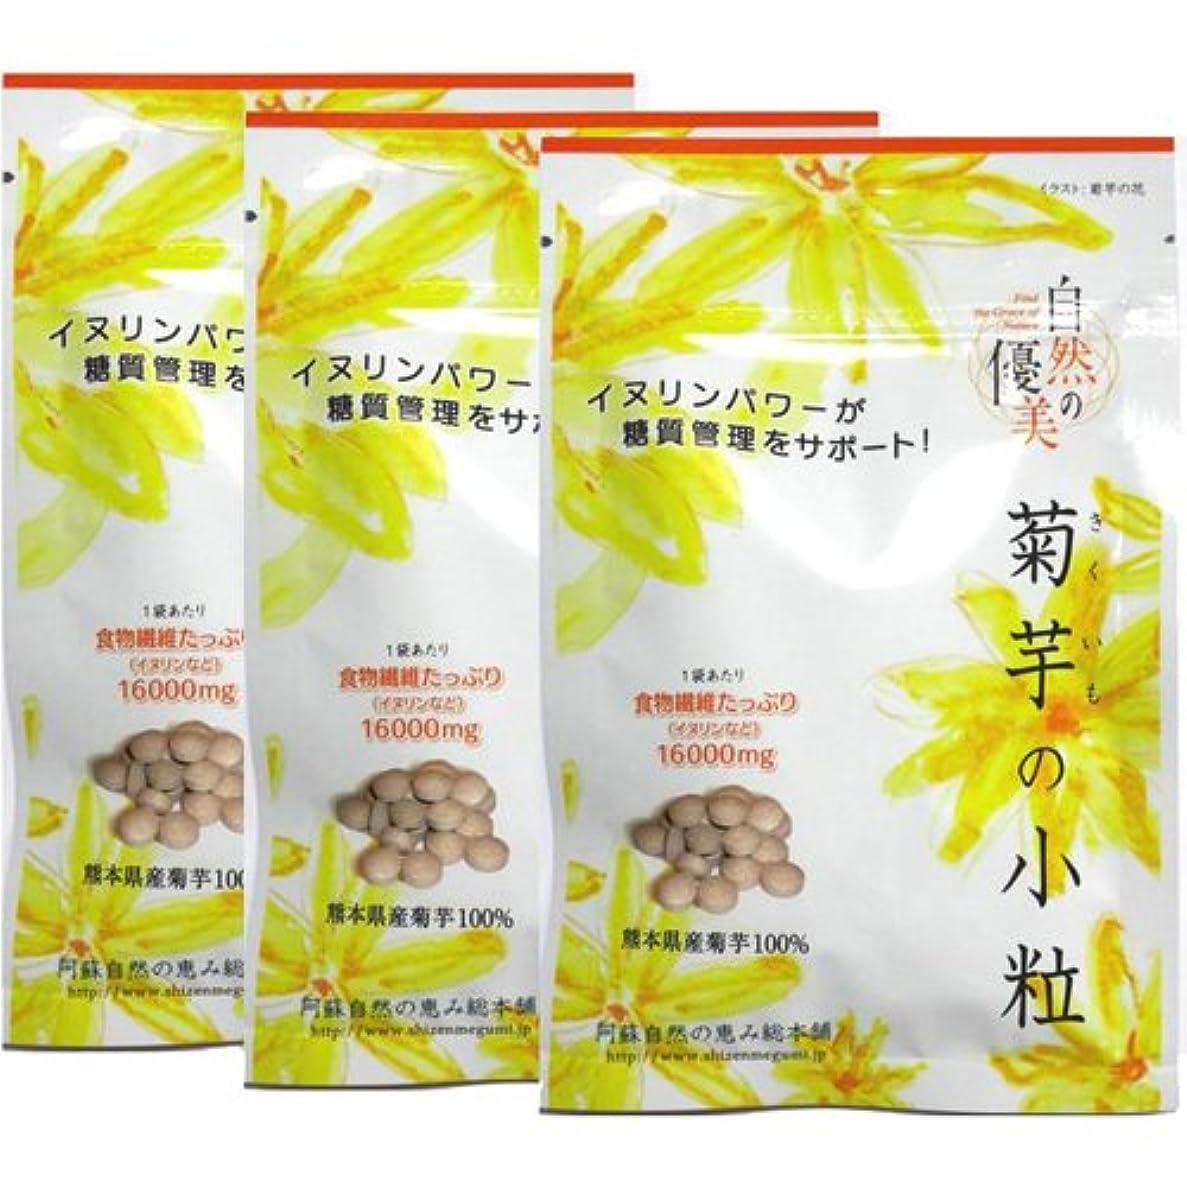 到着する月曜移行する阿蘇自然の恵み総本舗 菊芋の小粒 100錠×3袋